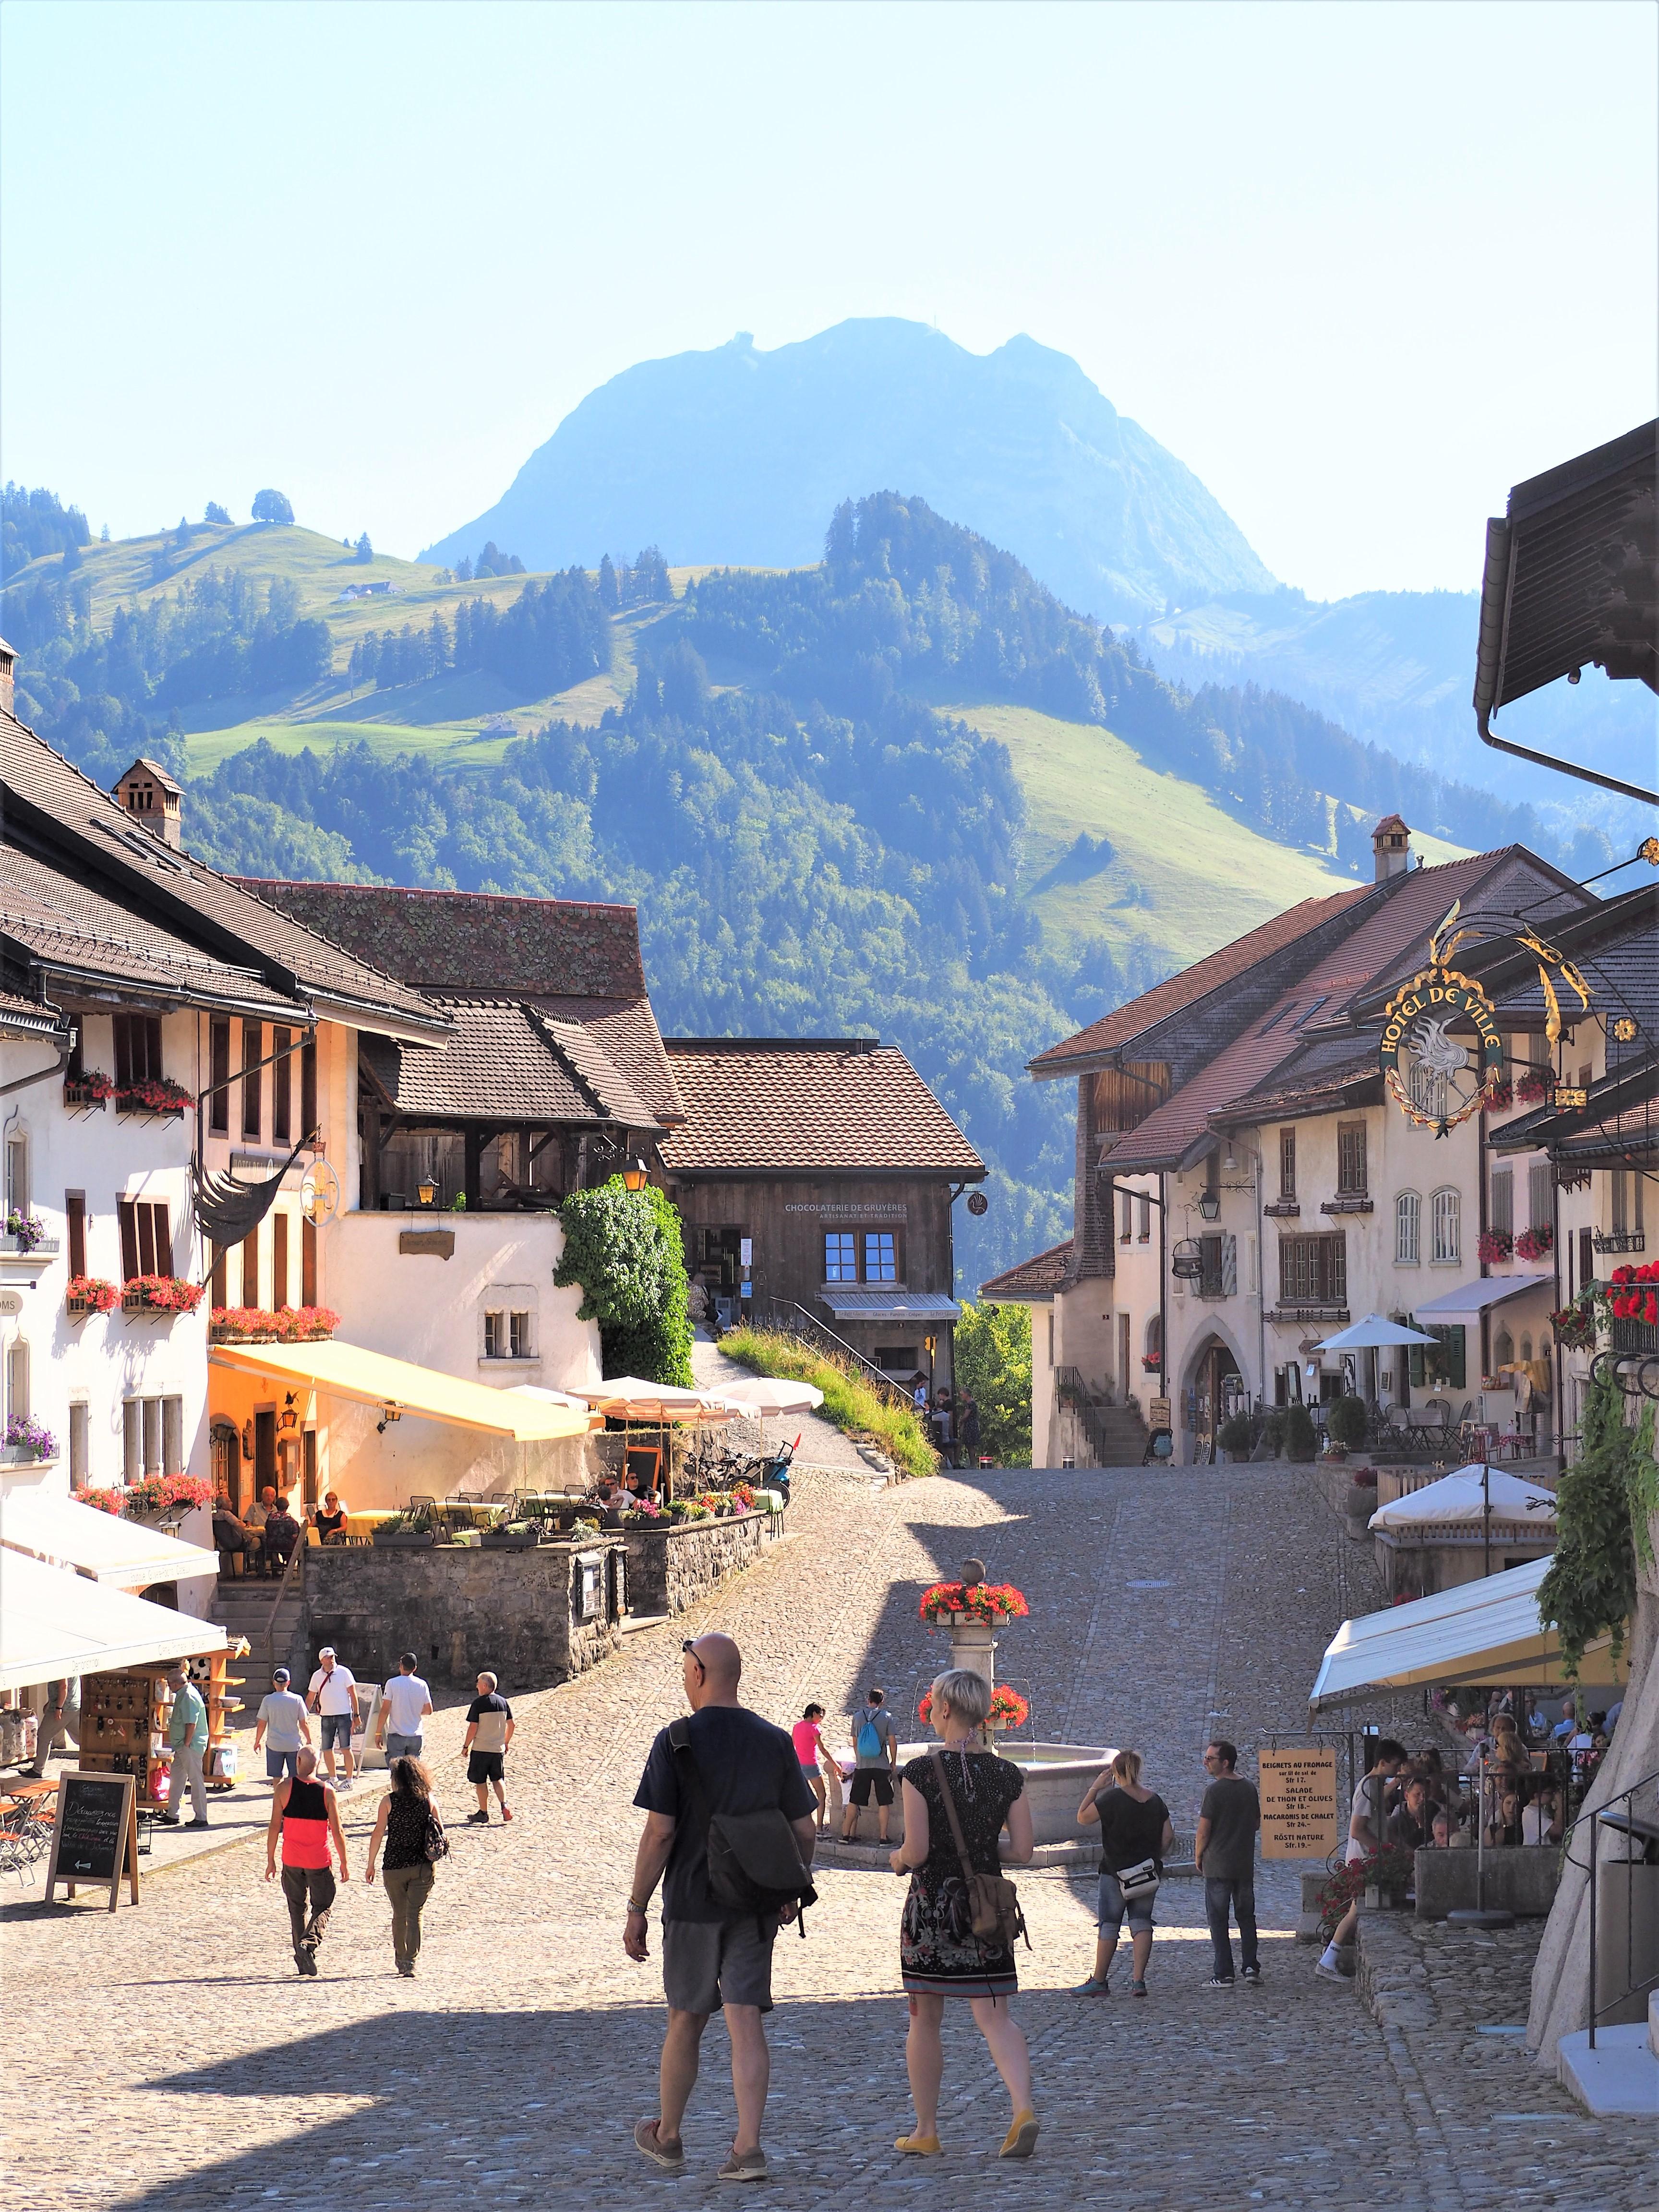 Visiter-Gruyères-canton-de-Fribourg-Suisse-clioandco-blog-voyages.